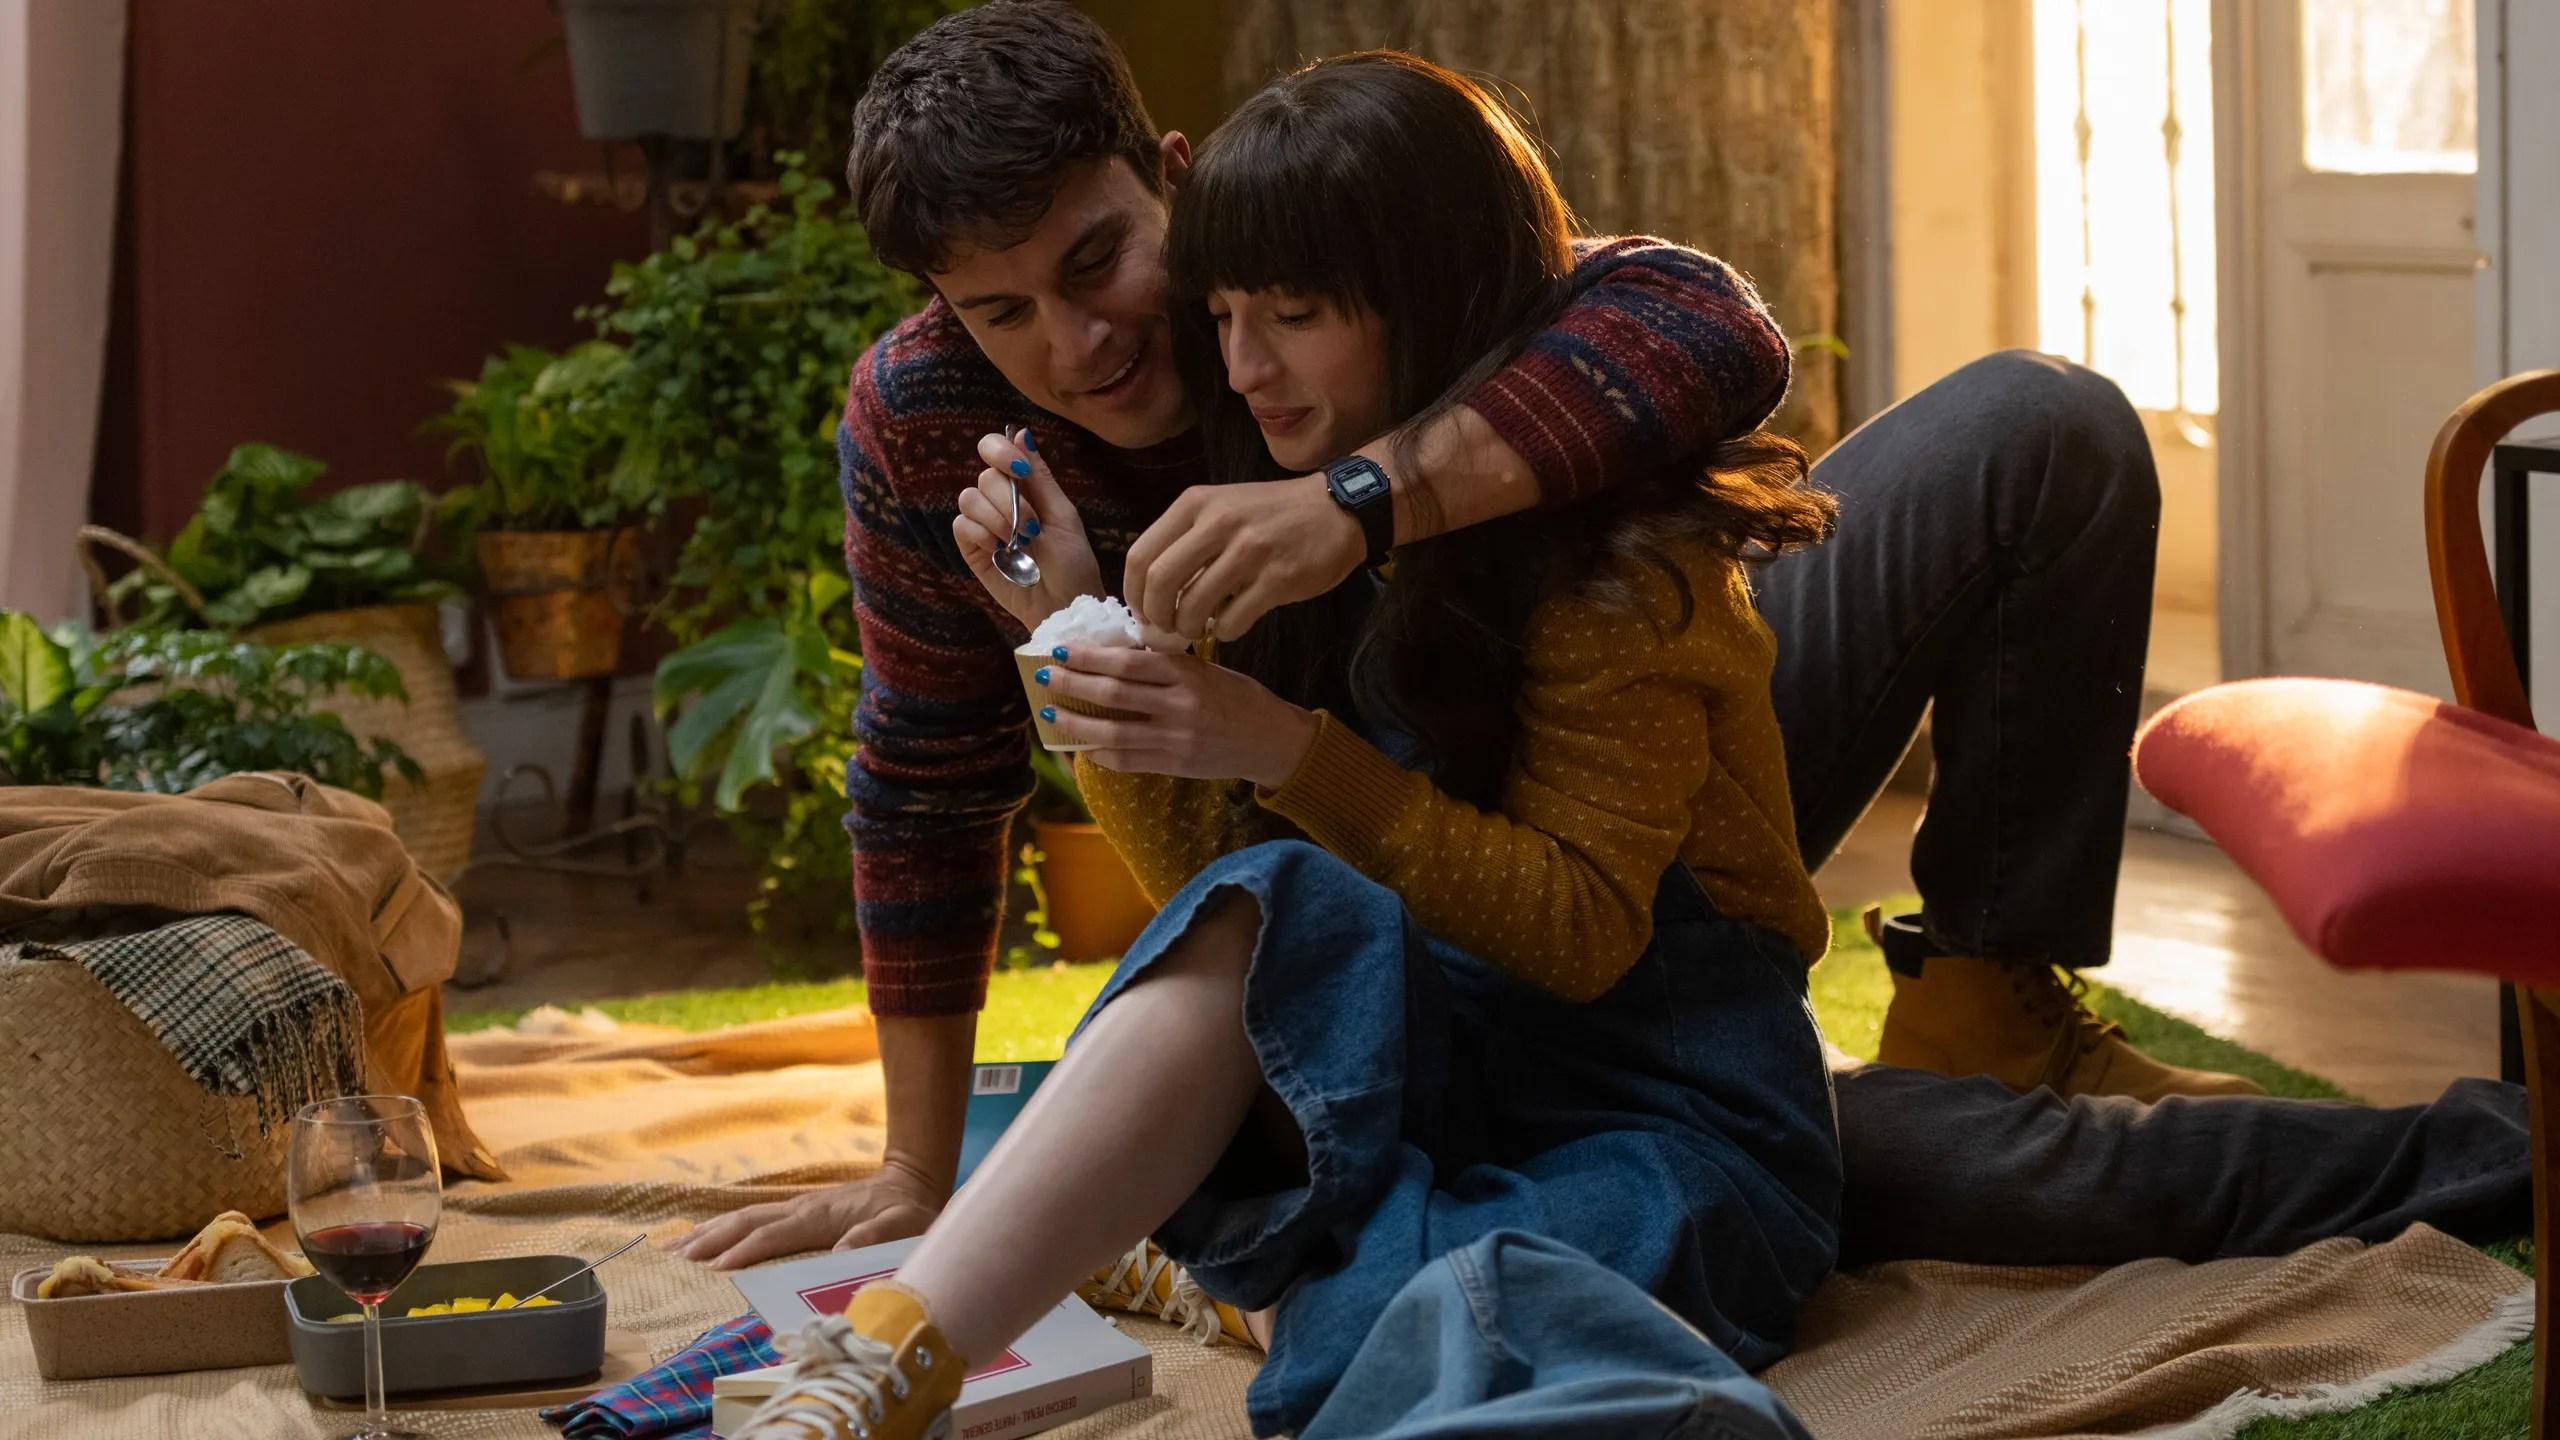 Fuimos canciones, de Netflix, es la película perfecta para fans de Valeria (y por suerte, es mejor) | GQ España